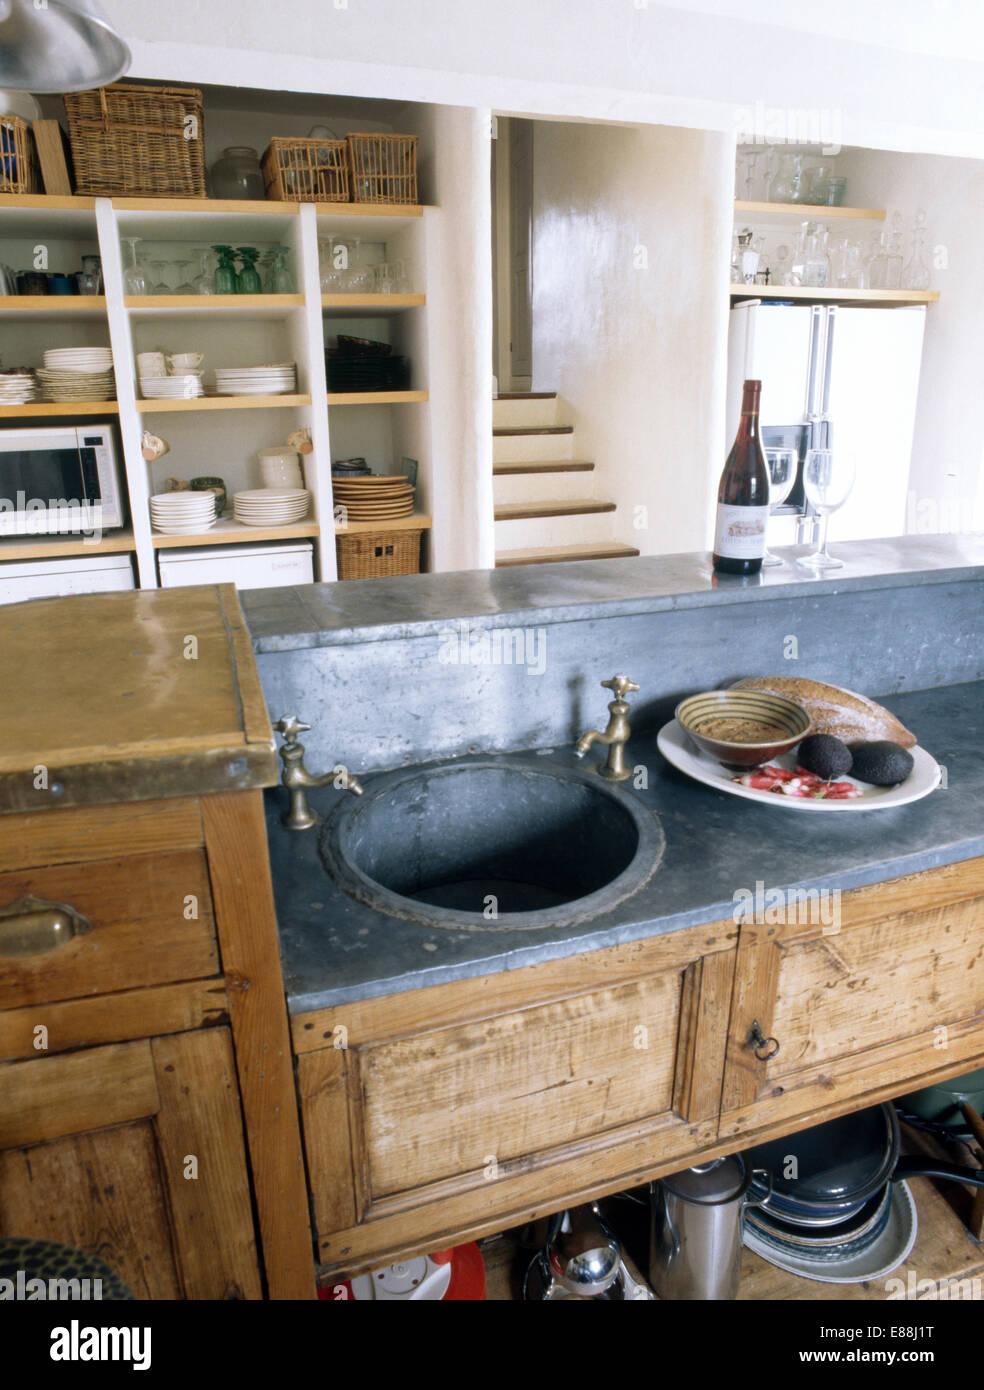 kreisf rmige antik zink wanne eingelassene zink spitze alte anrichte aus holz in franz sische. Black Bedroom Furniture Sets. Home Design Ideas